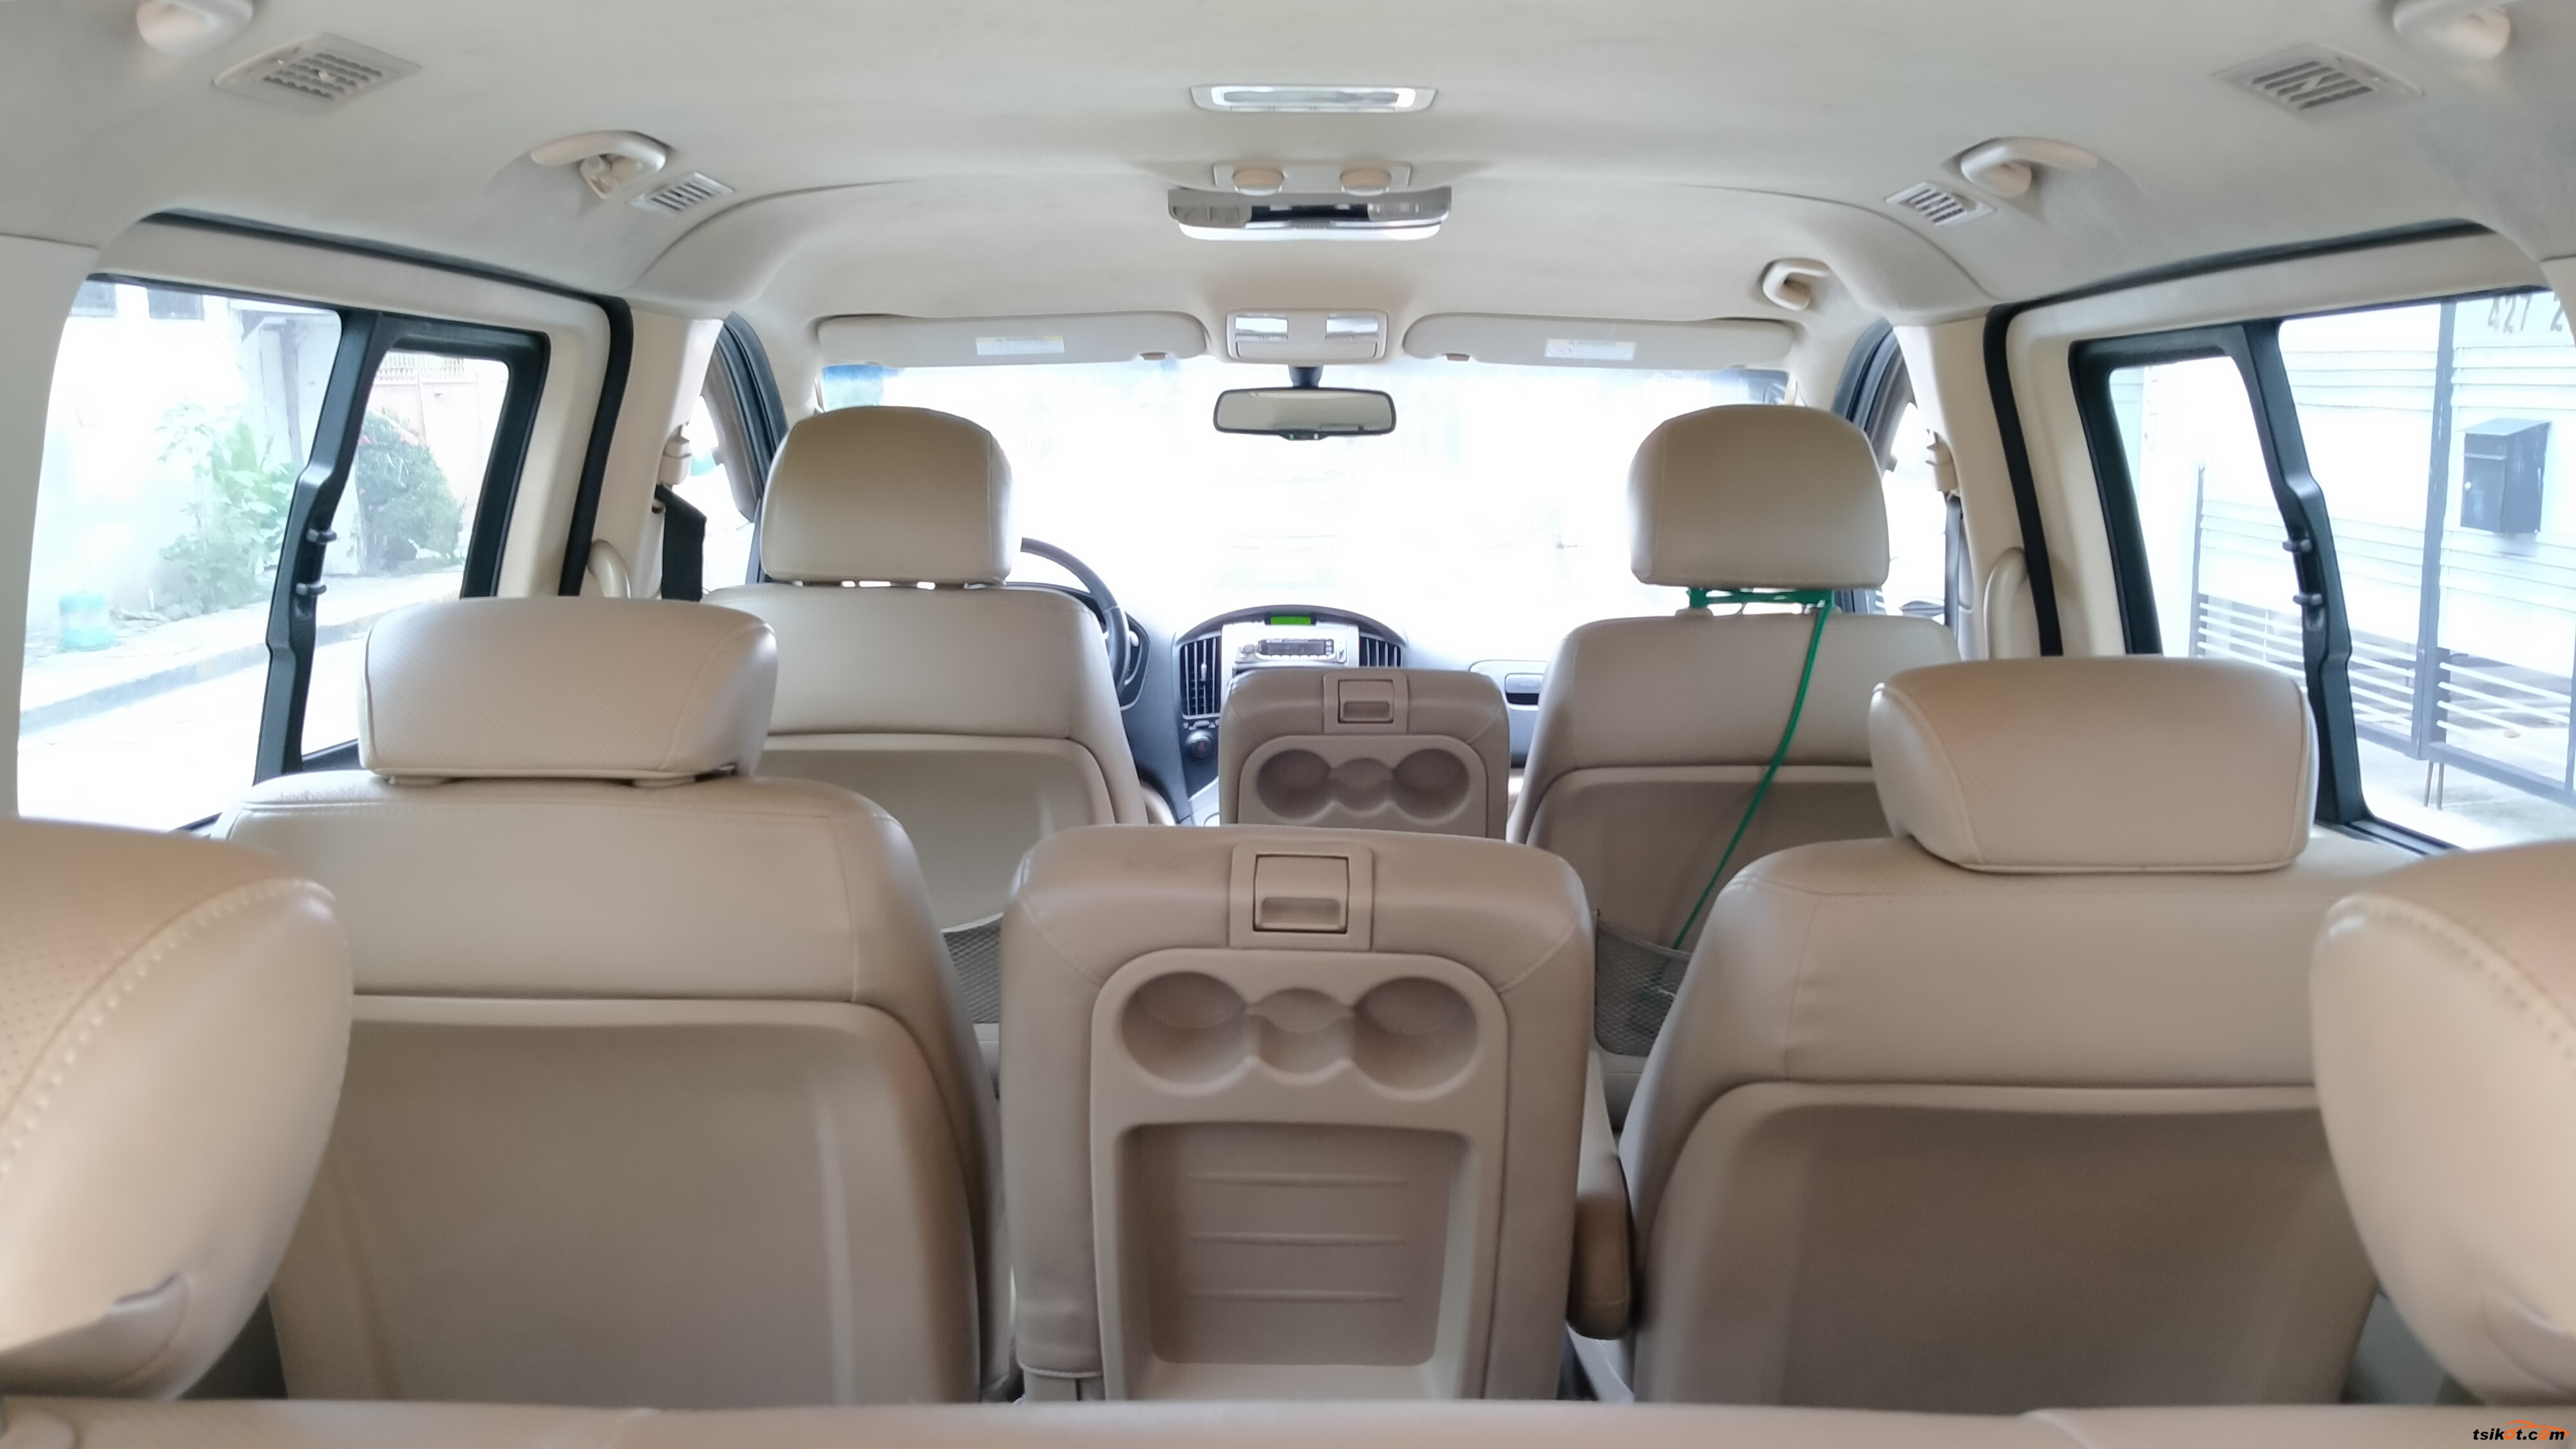 Hyundai Starex 2009 - 4